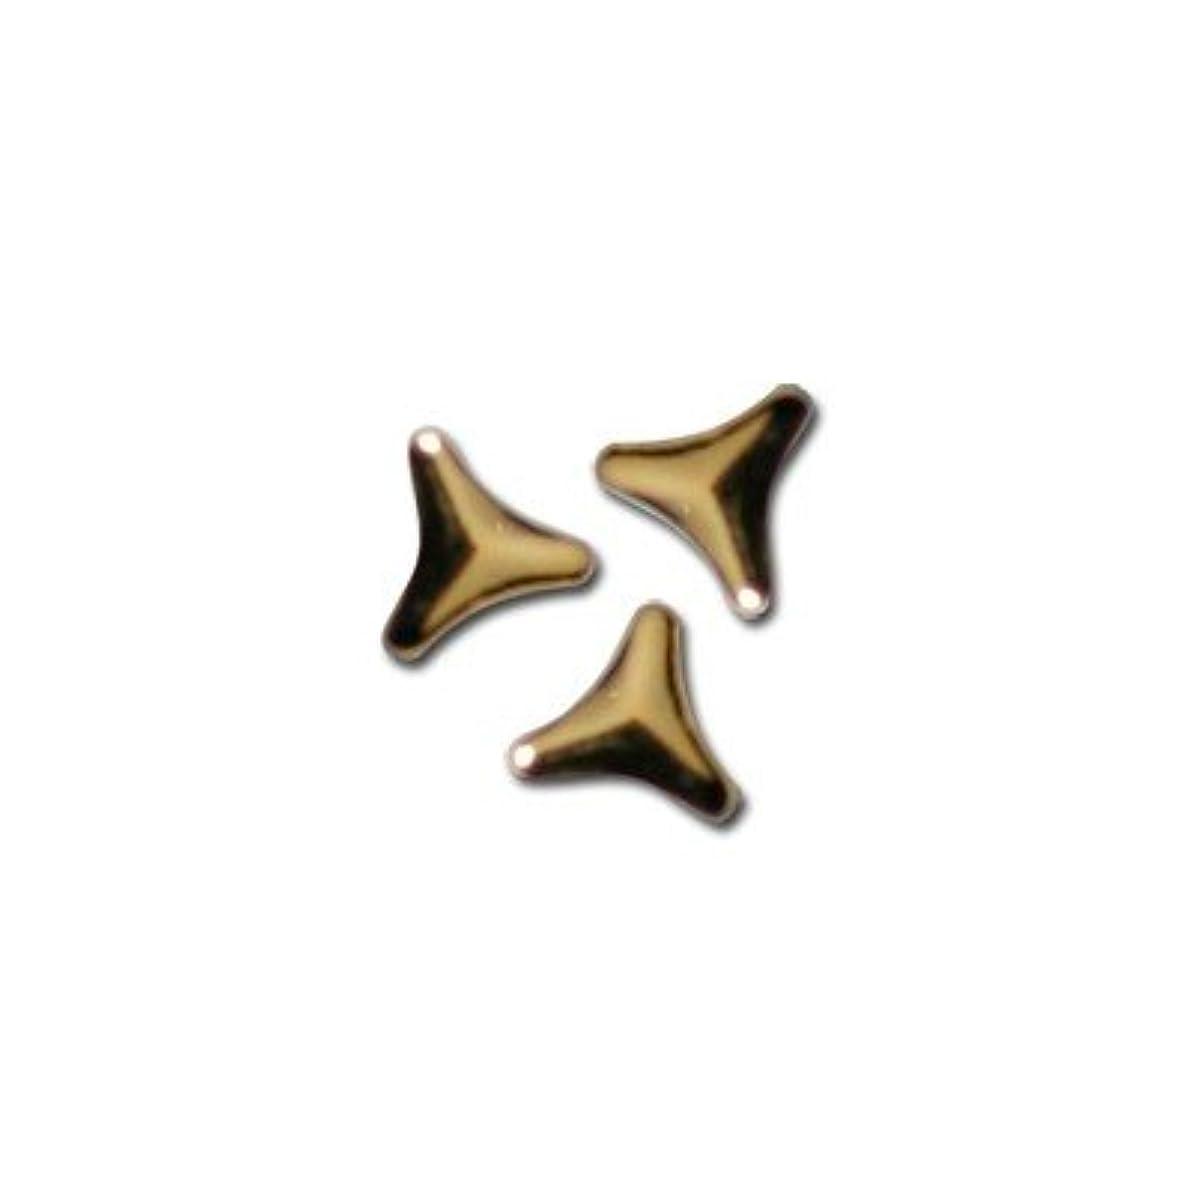 素人寄稿者スーツピアドラ スタッズ トライアングルマーク 2mm 50P ゴールド